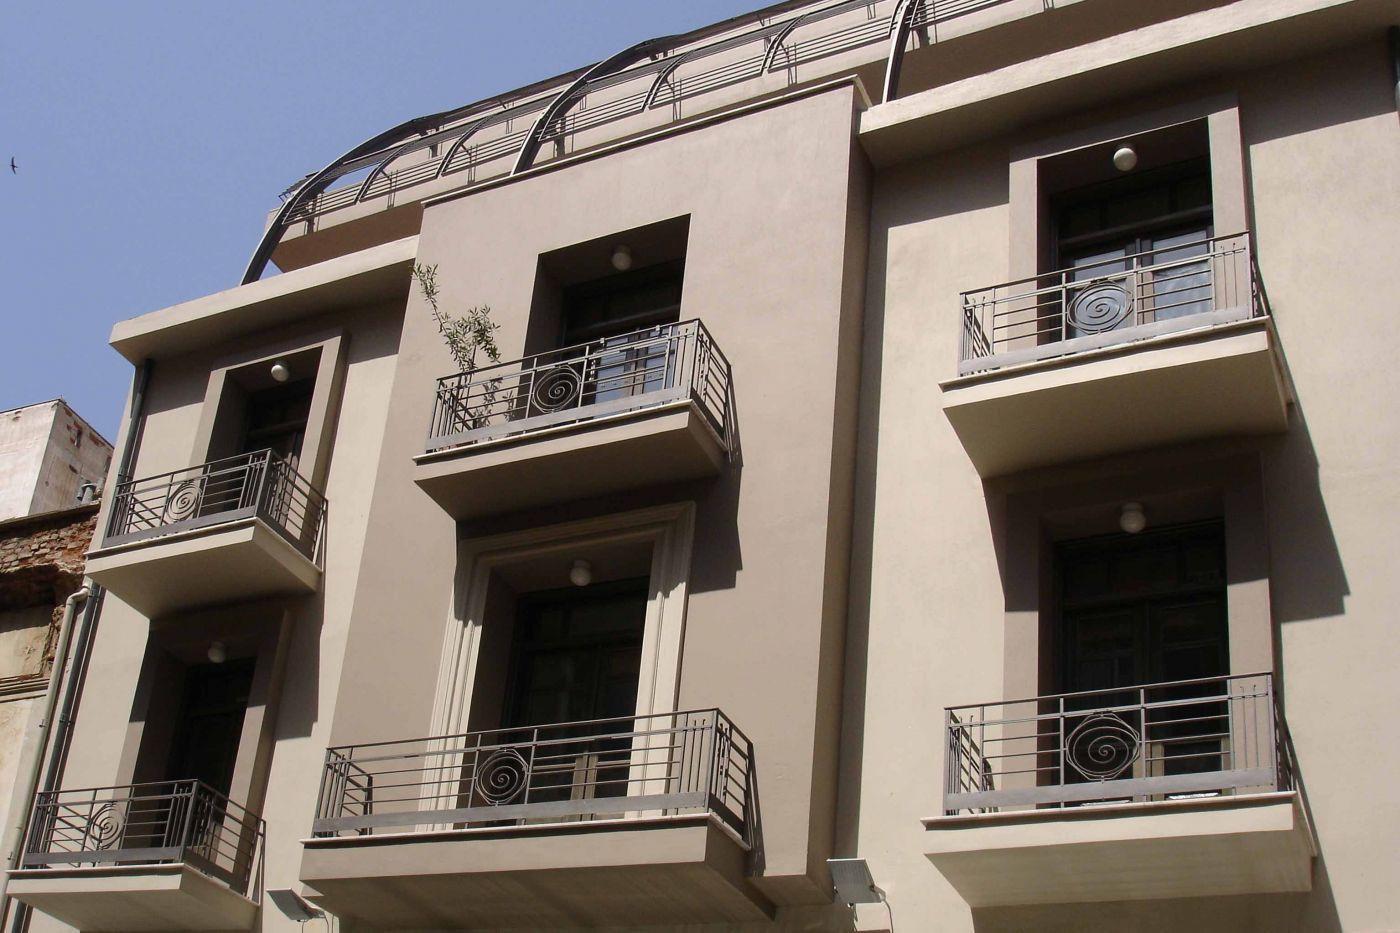 χρηστάκης, κατασκευαστική εταιρία Θεσσαλονίκη, Αθήνα, Κατοικία, Διαμέρισμα, νέα κτίρια, πώληση ακινήτων, πώληση διαμερισμάτων, αγορά κατοικίας, appartments in Thessaloniki, to buy for visa